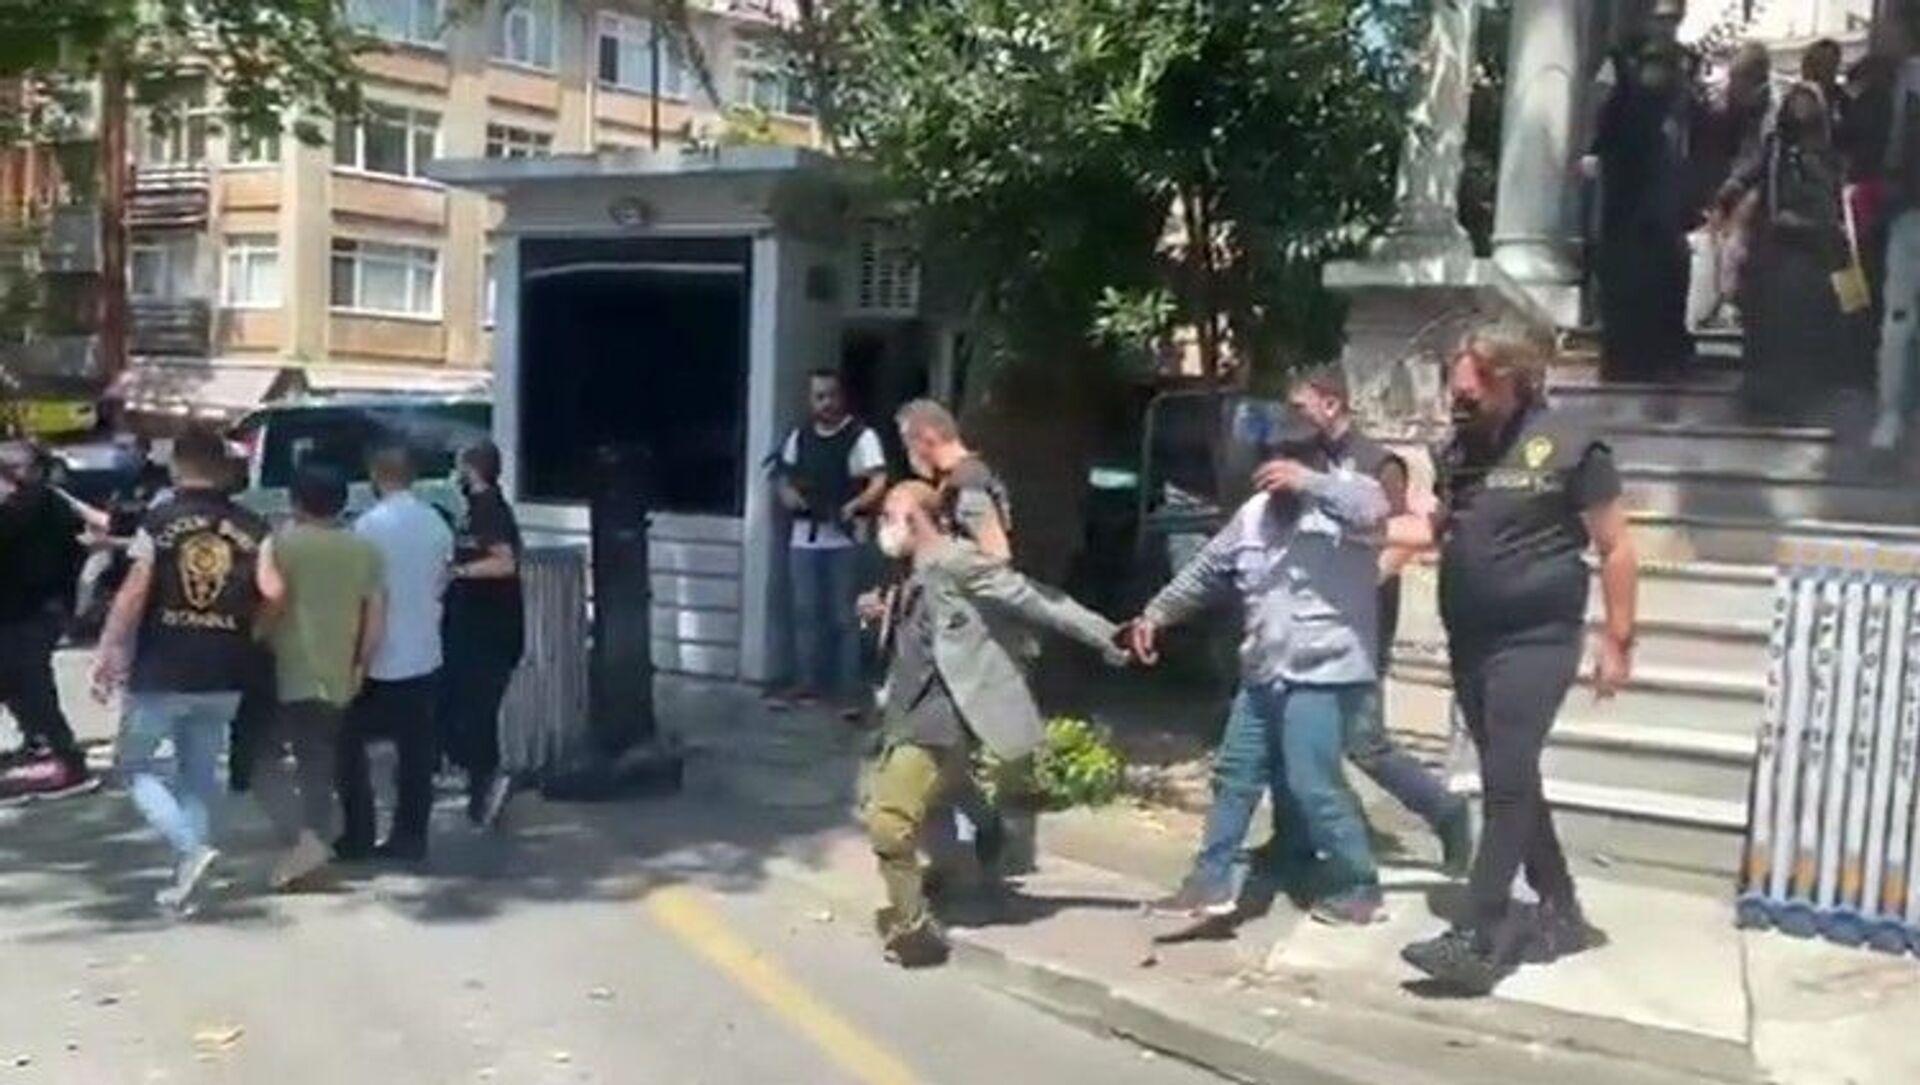 Taksim Meydanı'nda dilendirilen 26 çocuk, gelen ihbar üzerine polis ekipleri tarafından kurtarılarak koruma altına alındı. Çocukları dilendiren yabancı uyruklu 13 kişi ise gözaltına alındı. - Sputnik Türkiye, 1920, 06.08.2021